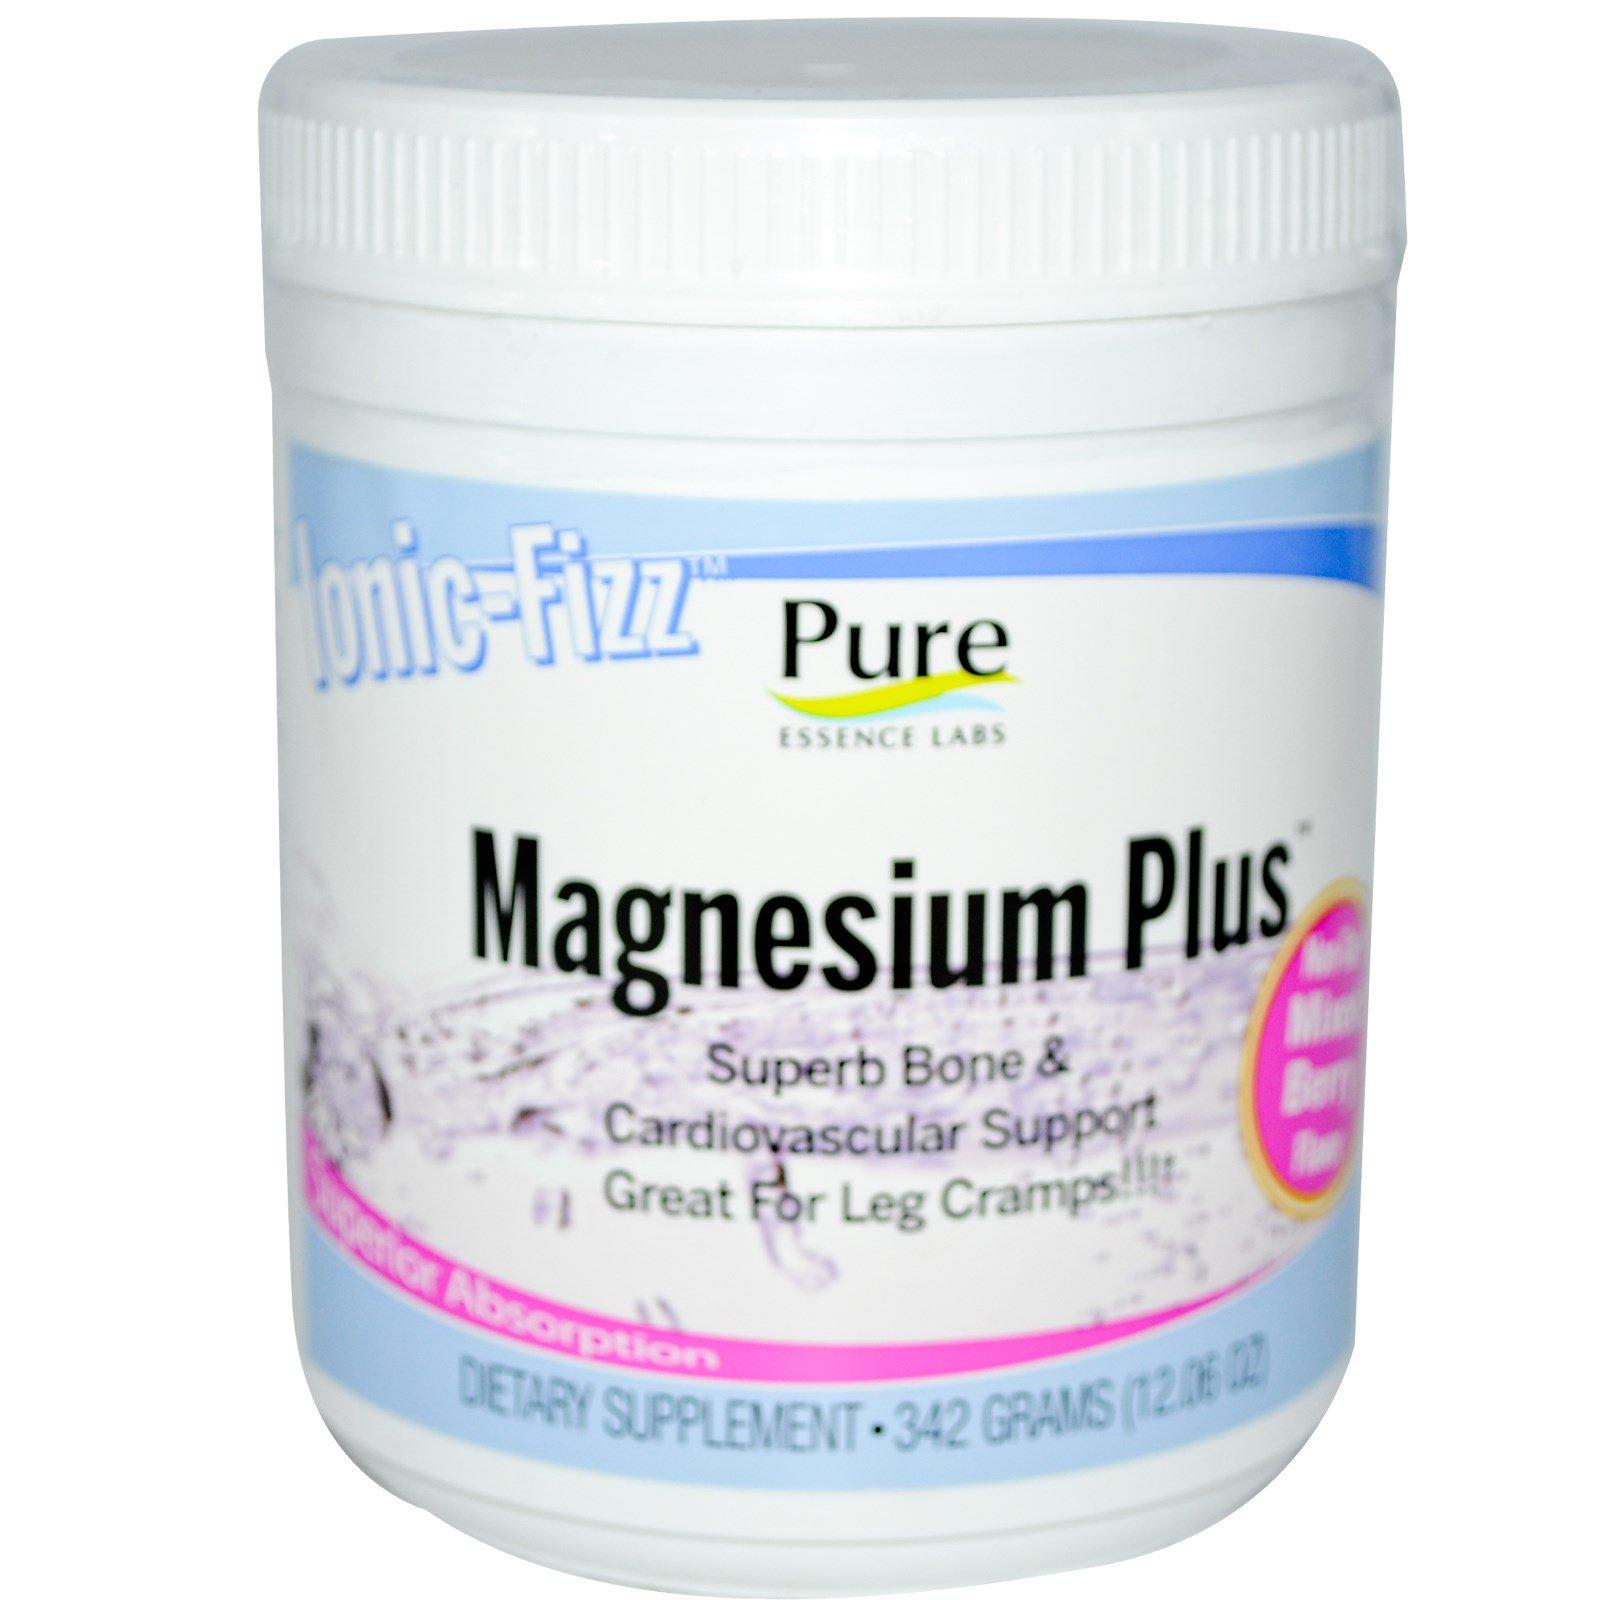 Pure Essence, Ionic-Fizz Magnesium Plus, ягодная смесь, 12,06 унций (342 г)